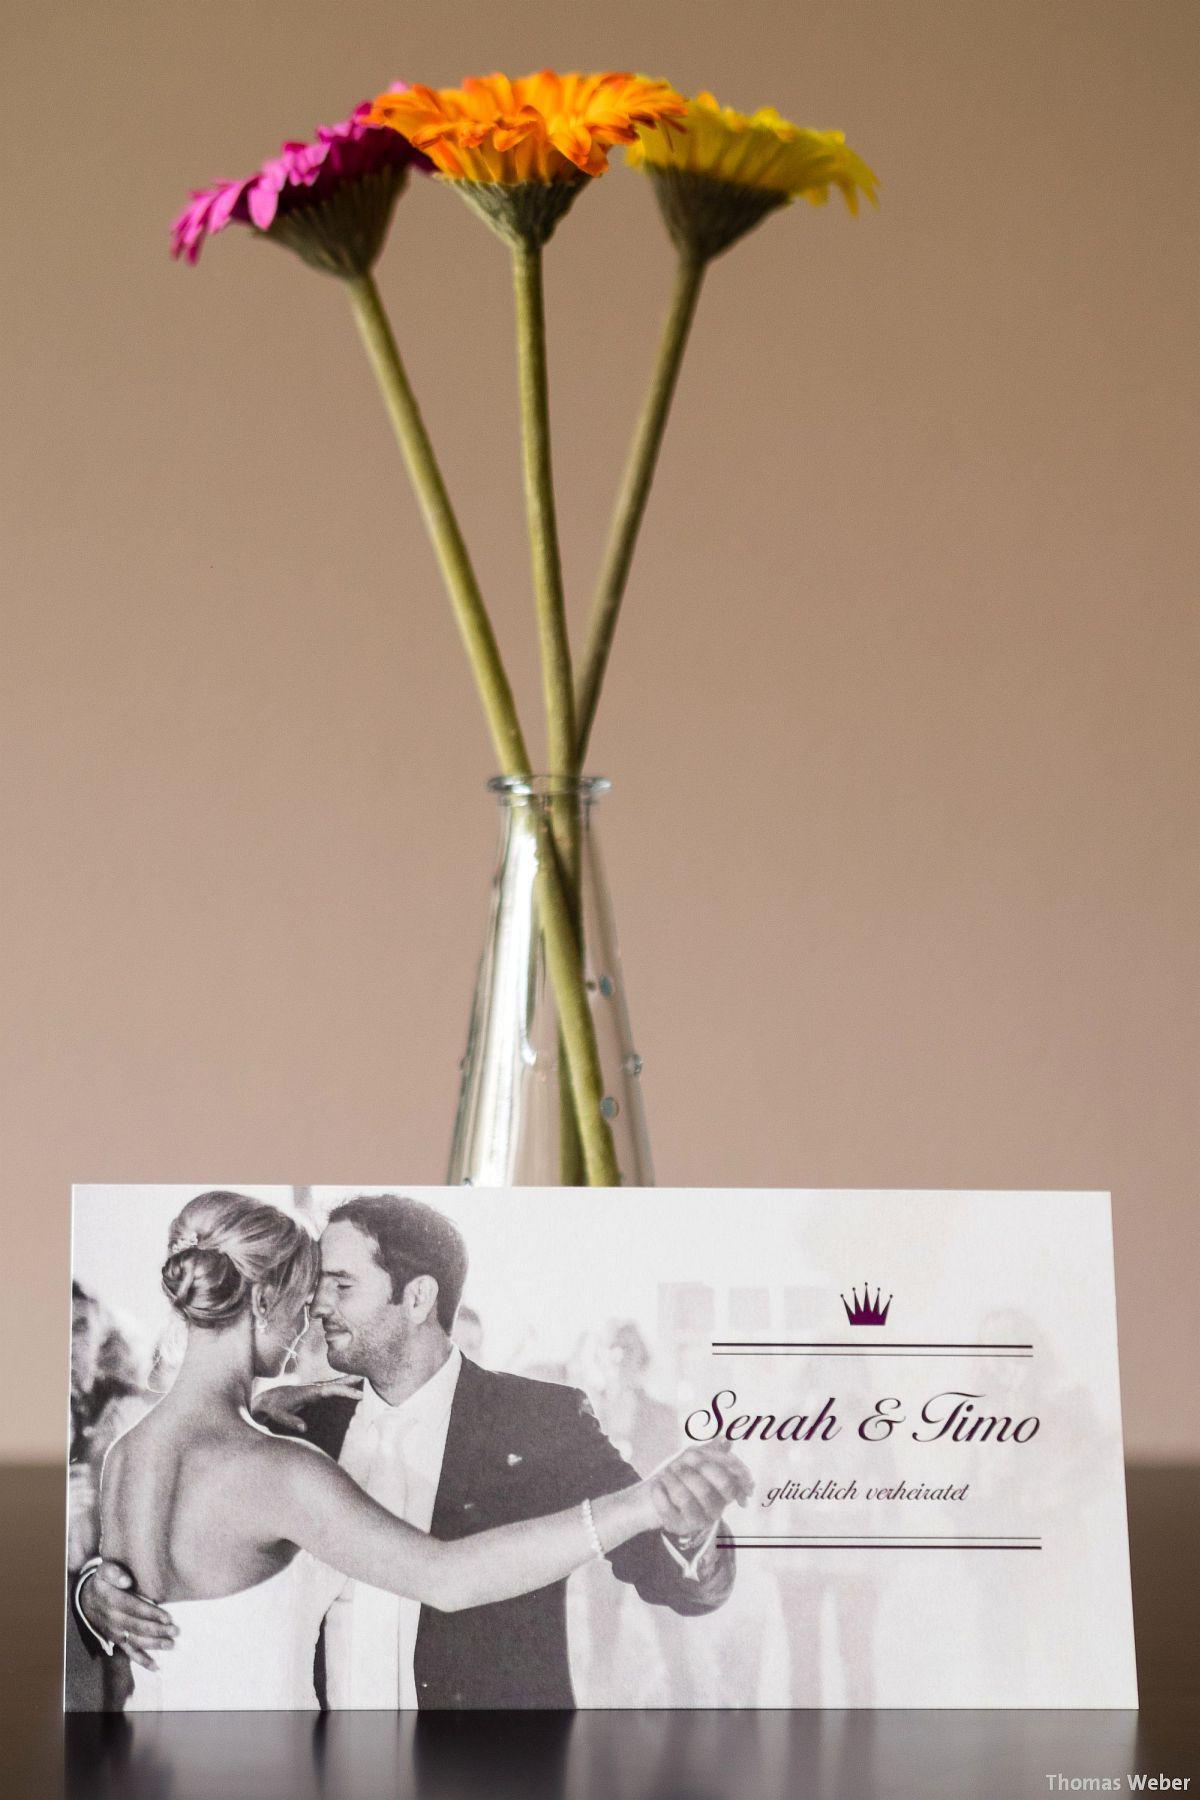 Hochzeitsfotograf Thomas Weber aus Oldenburg: Einladungskarten und Danksagungskarten für die Hochzeit von CHILIPFEFFERdesign Oldenburg